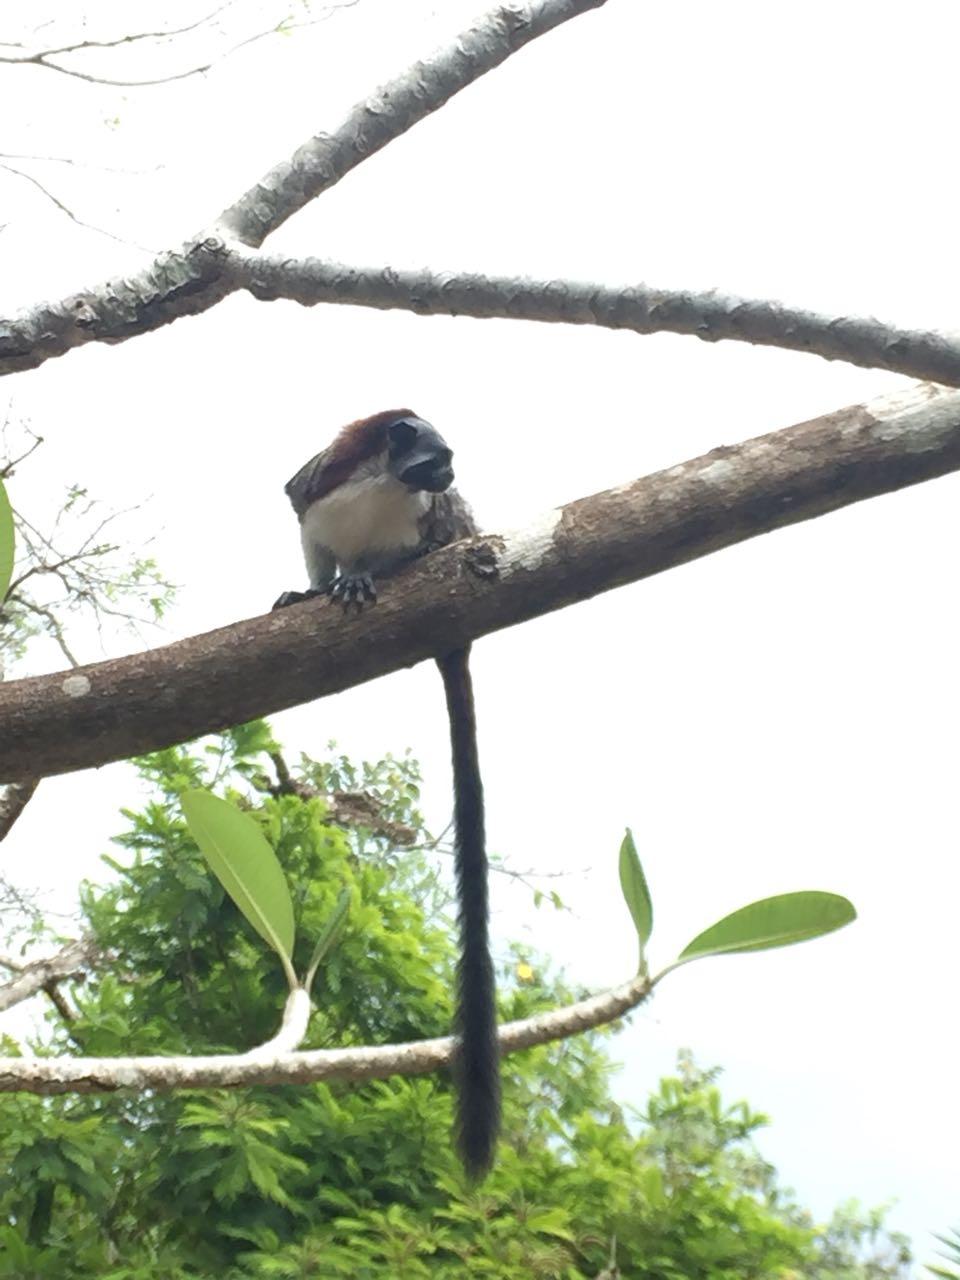 Gamboa Rainforest and Spanish Panama Activities; wild animals to see